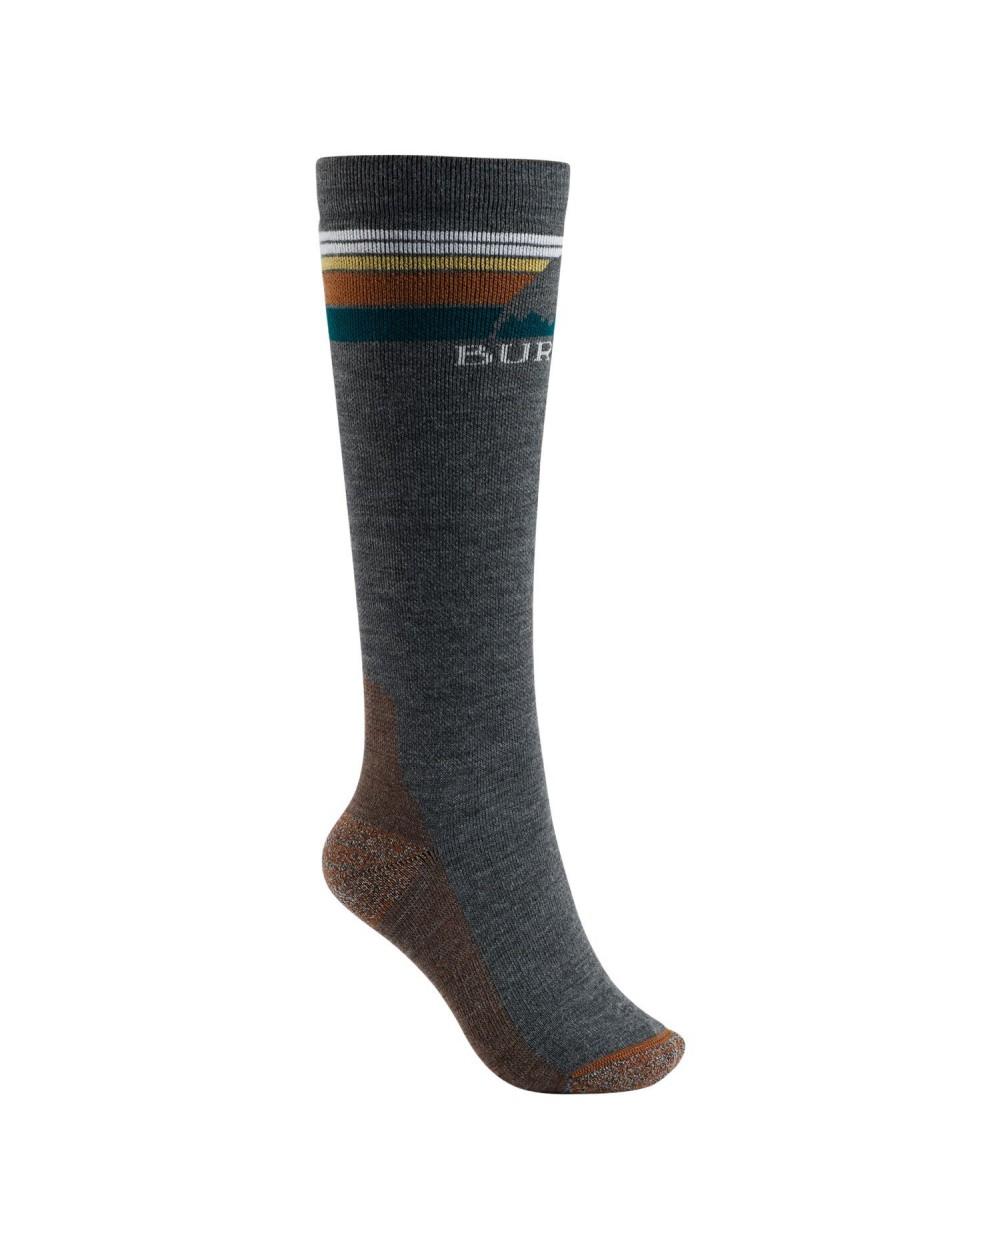 Burton Wms Emblem Midweight Snowboard Socks - True Black